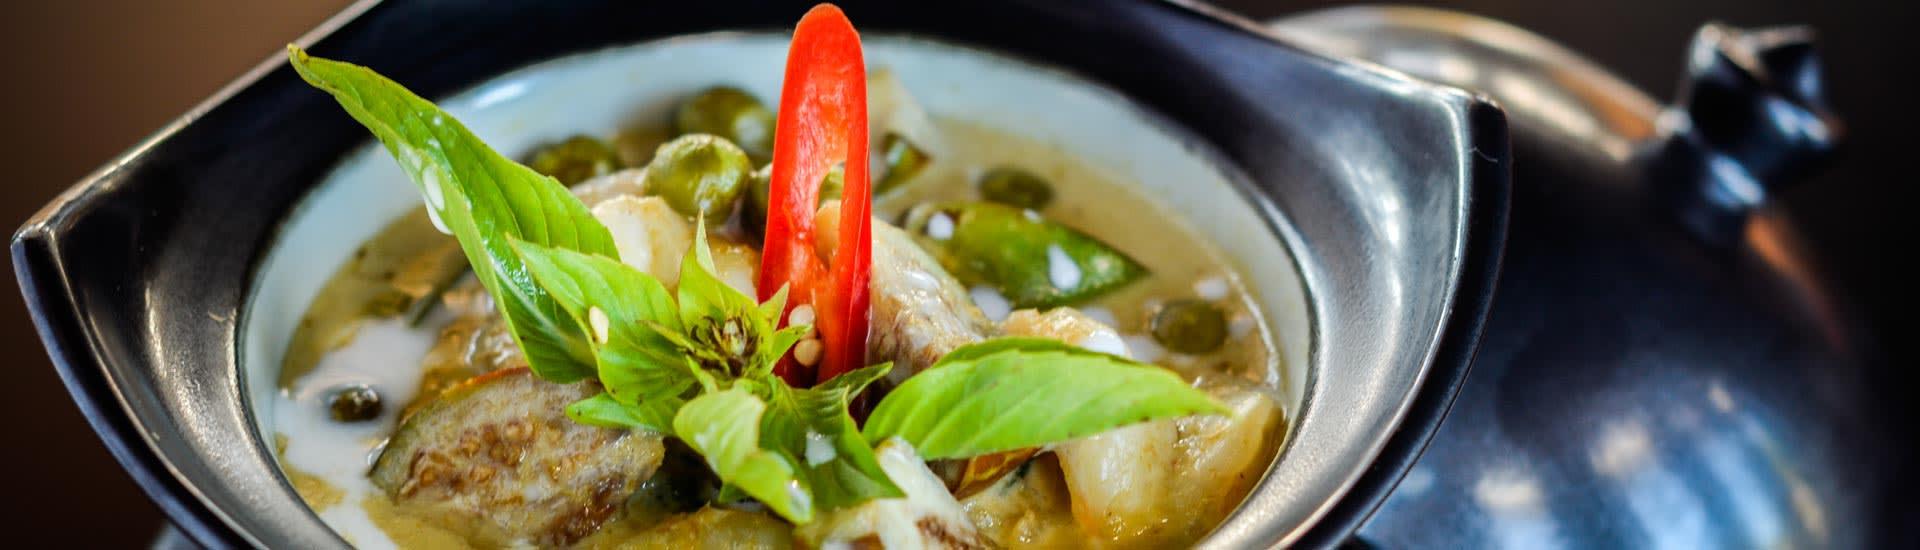 Gaeng Kiew Wan Gai Dish from Mekong Restaurant